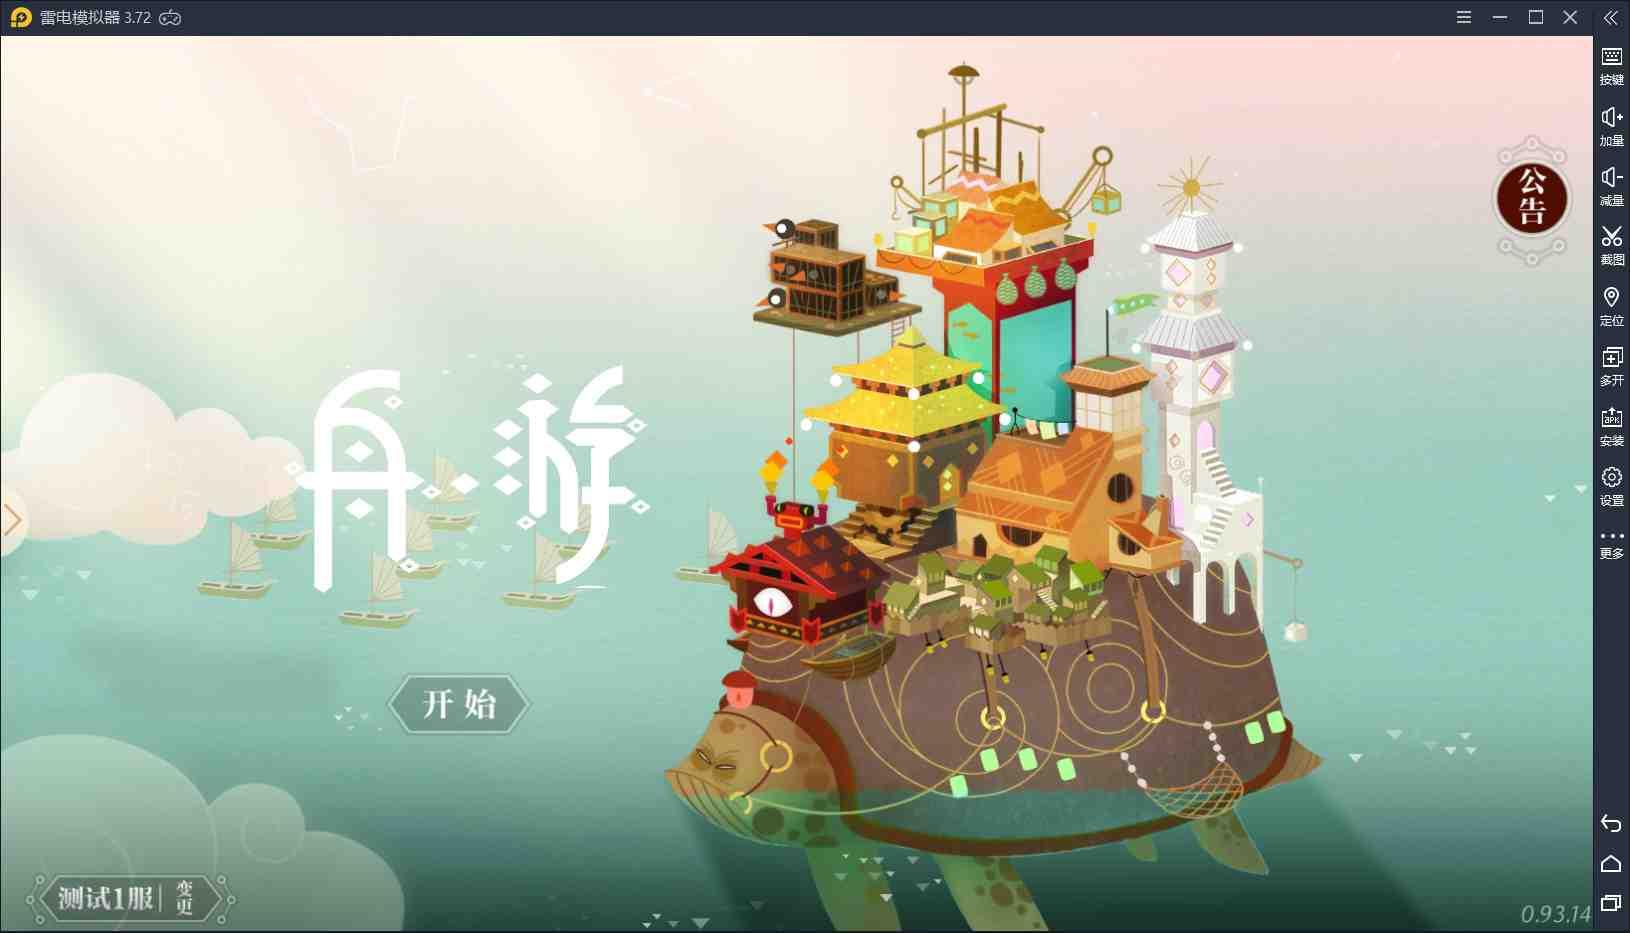 【Rai醬一周新游】《狐妖小紅娘》看萬水千山 《雙生視界》不限號刪測